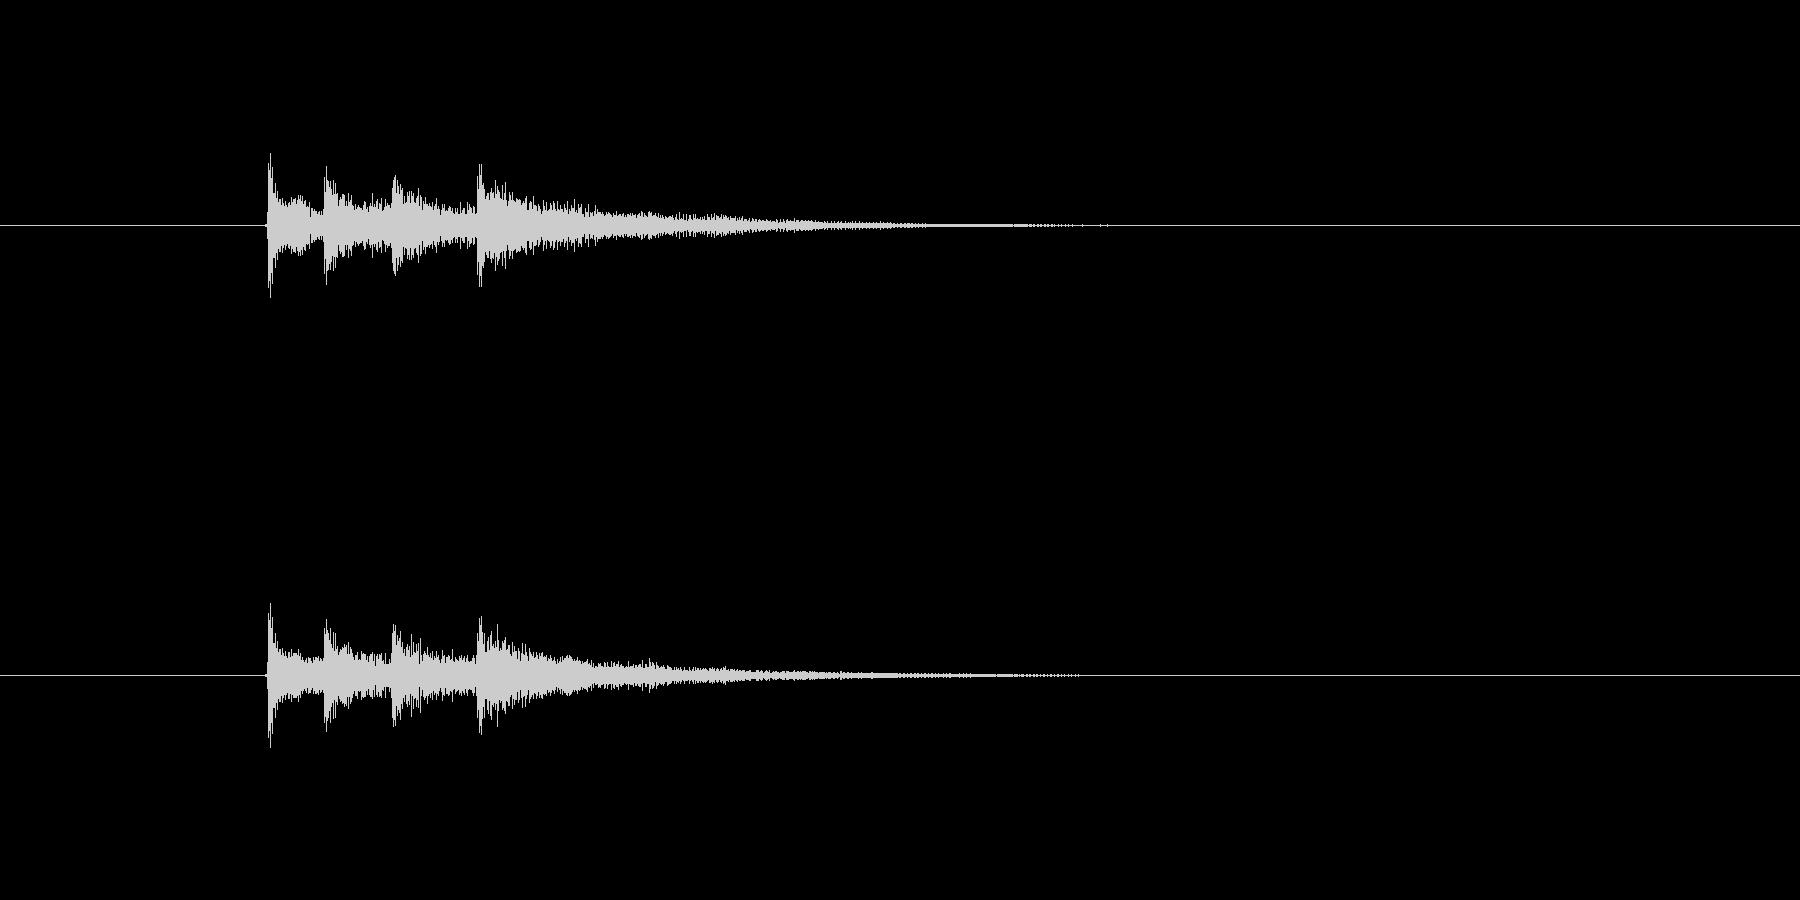 琴を使った和風着信音の未再生の波形